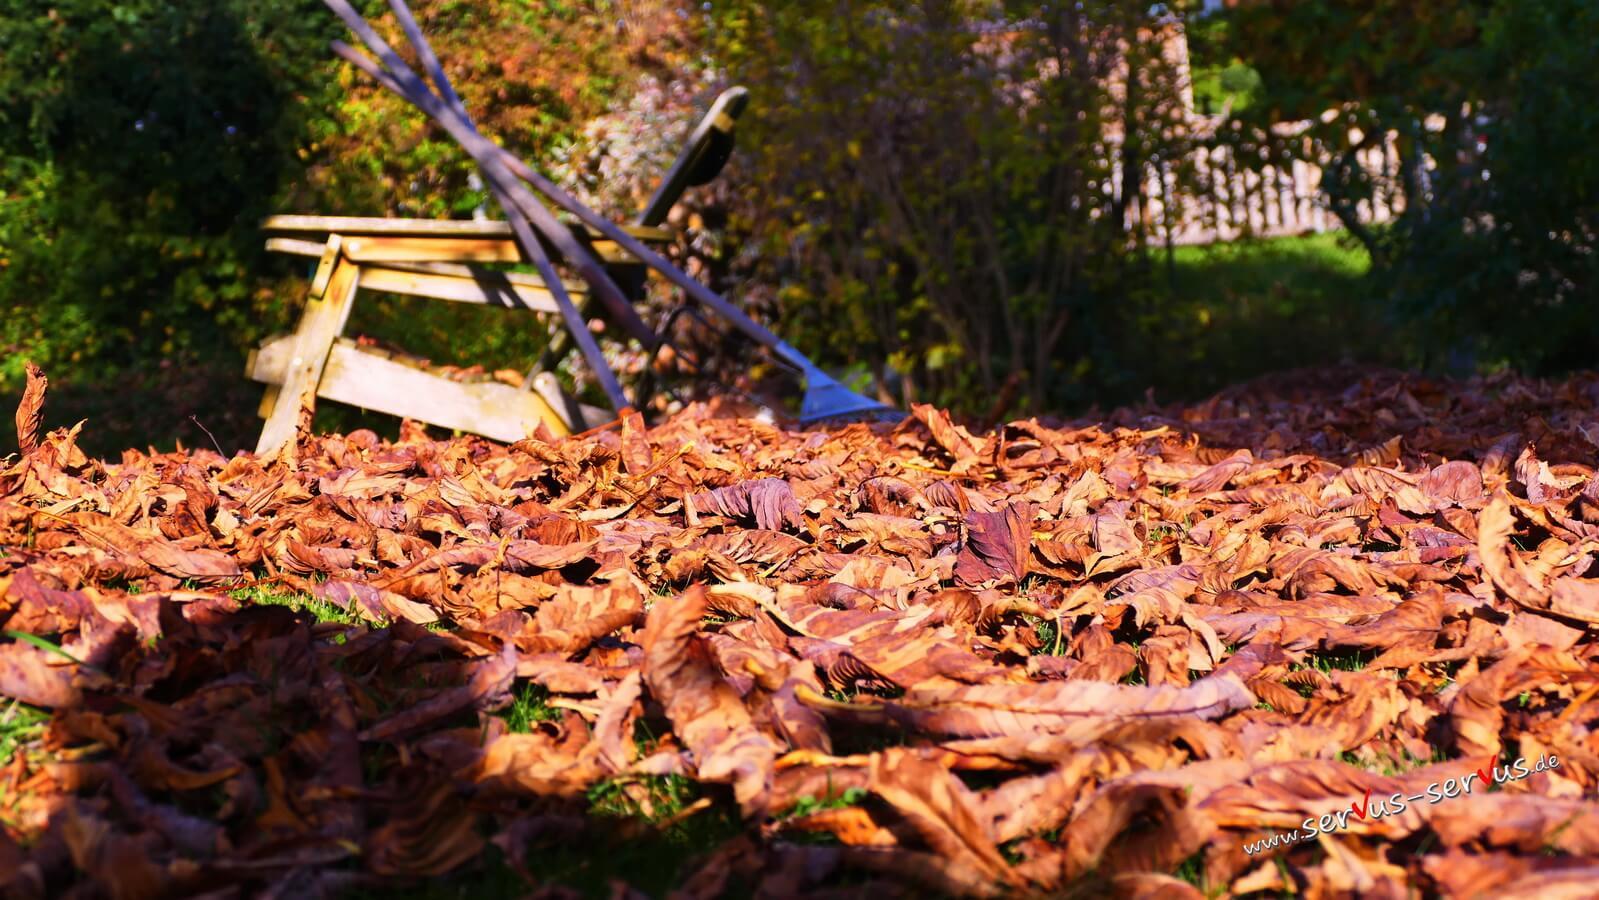 Herbstlicht auf Laub